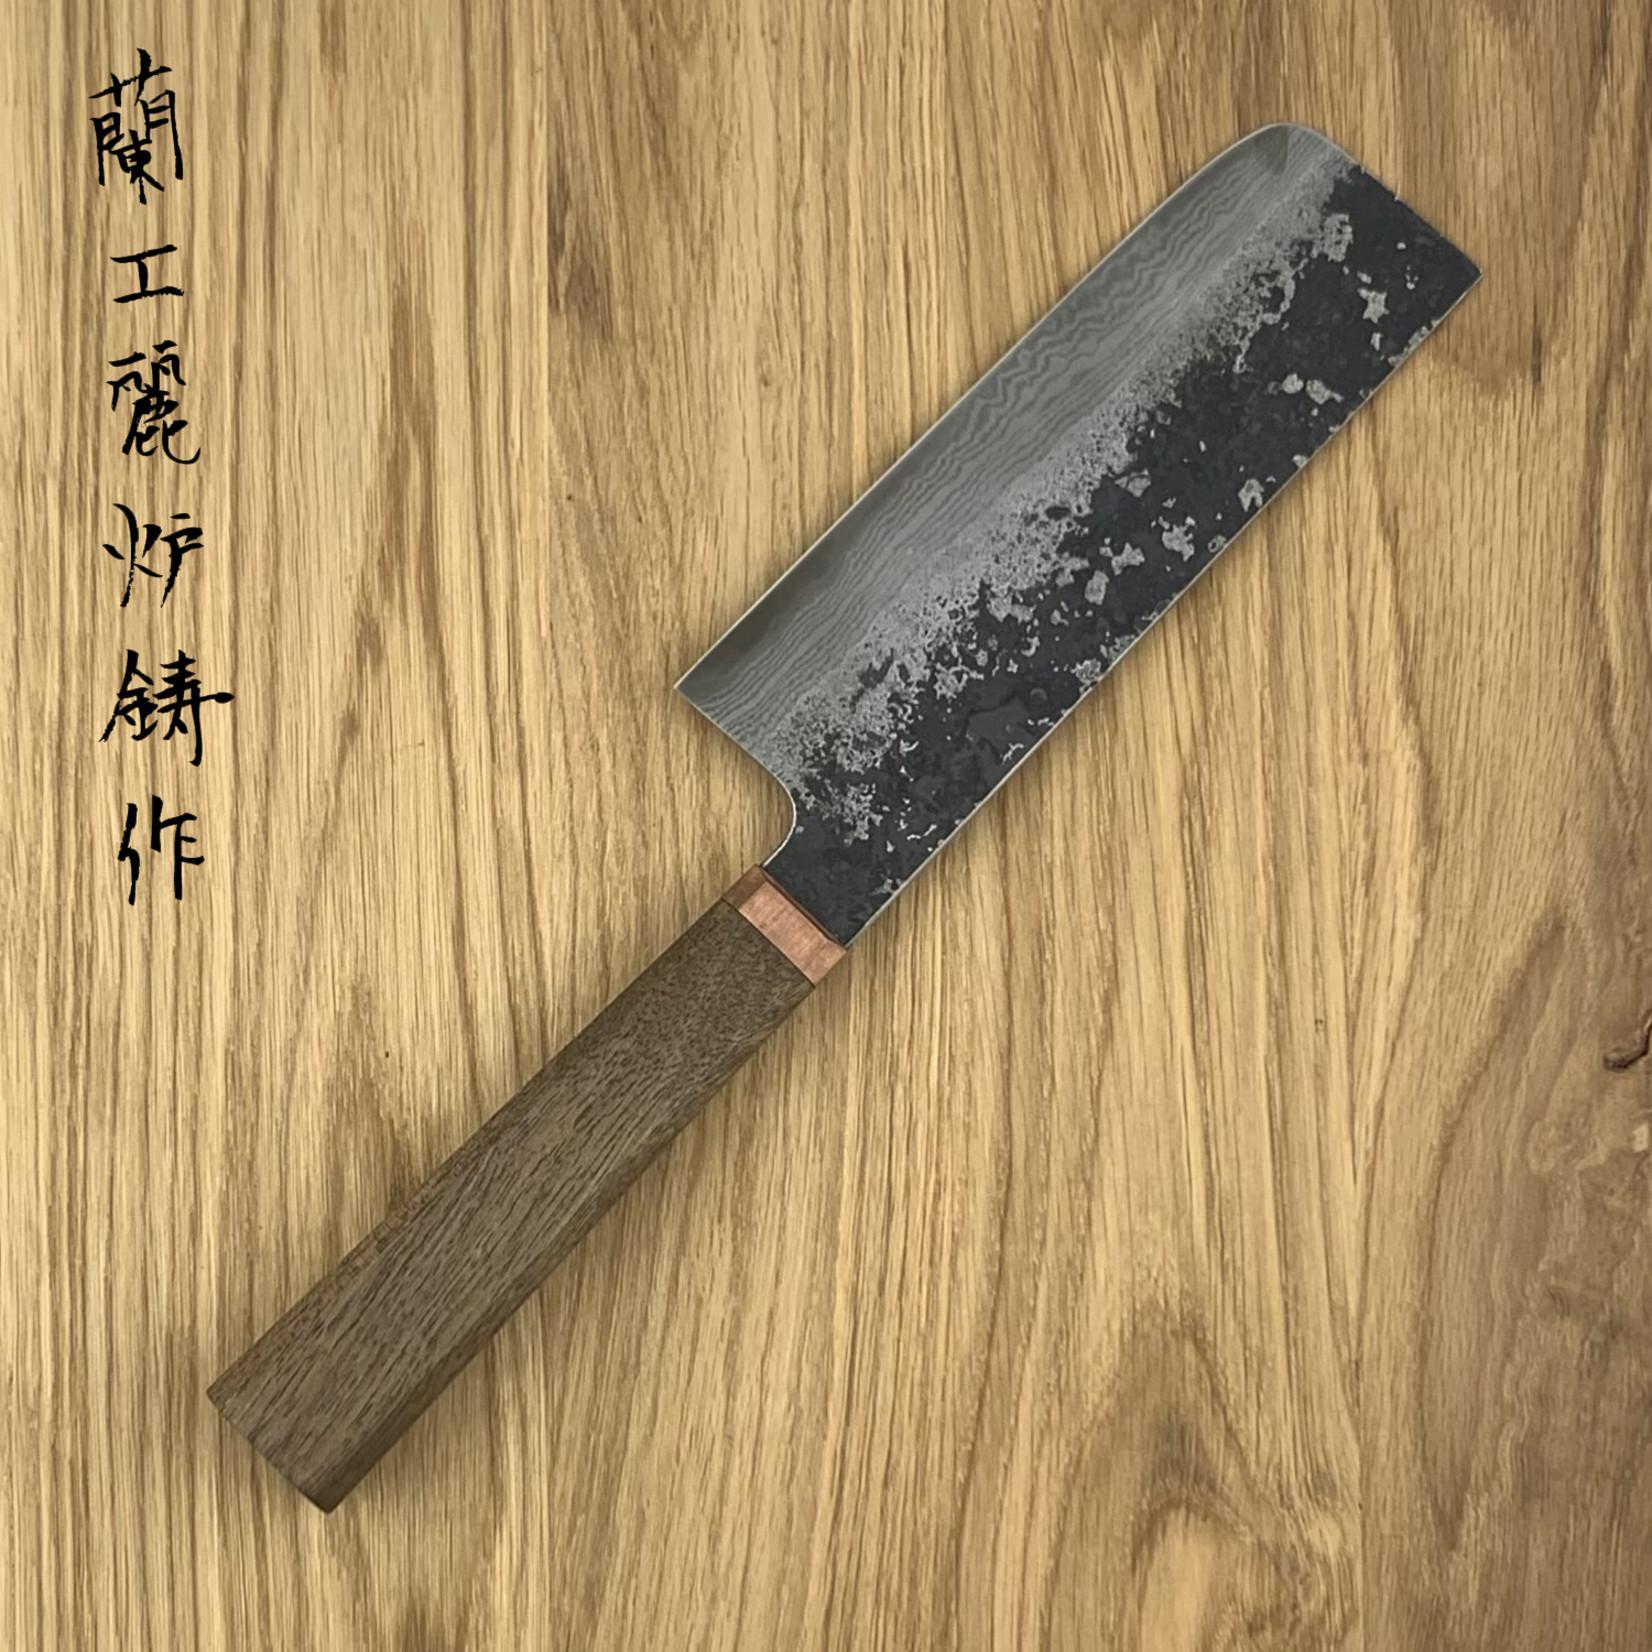 BLENHEIM Forge Nakiri 150 mm